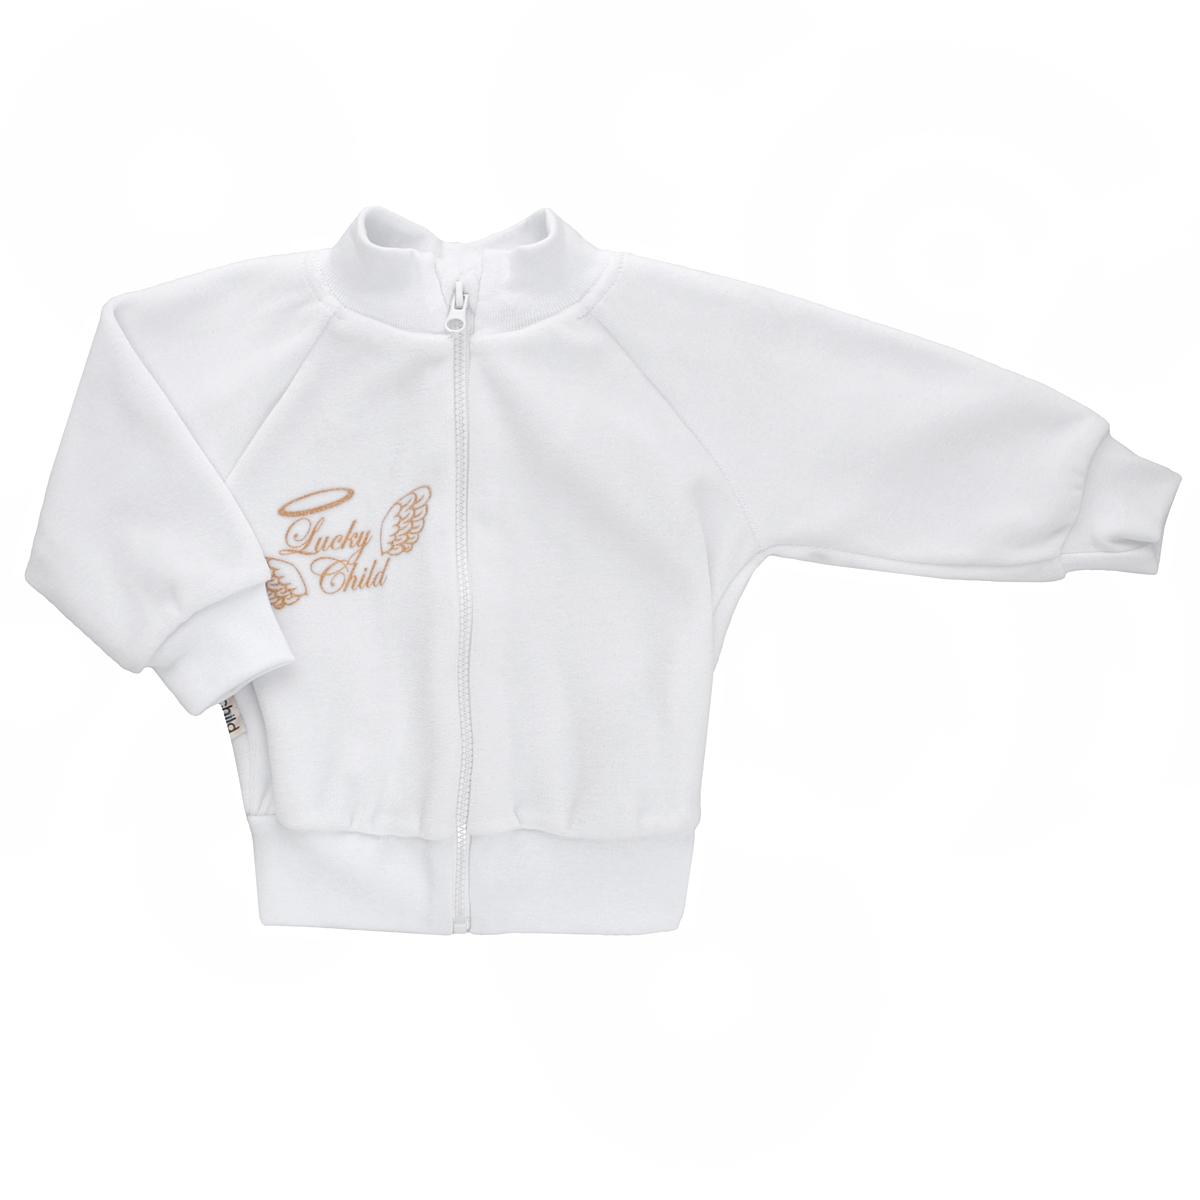 17-18Кофточка для новорожденного Lucky Child Ангелы с длинными рукавами-реглан послужит идеальным дополнением к гардеробу вашего малыша, обеспечивая ему наибольший комфорт. Изготовленная из велюра, она необычайно мягкая и легкая, не раздражает нежную кожу ребенка и хорошо вентилируется, а эластичные швы приятны телу малыша и не препятствуют его движениям. Удобная застежка-молния по всей длине помогает легко переодеть младенца. Рукава, низ изделия и горловина дополнены широкими трикотажными резинками. Кофточка на груди оформлена надписью в виде логотипа бренда и изображением крылышек, а на спинке дополнена текстильными крылышками, вышитыми металлизированной нитью. Кофточка полностью соответствует особенностям жизни ребенка в ранний период, не стесняя и не ограничивая его в движениях. В ней ваш малыш всегда будет в центре внимания.